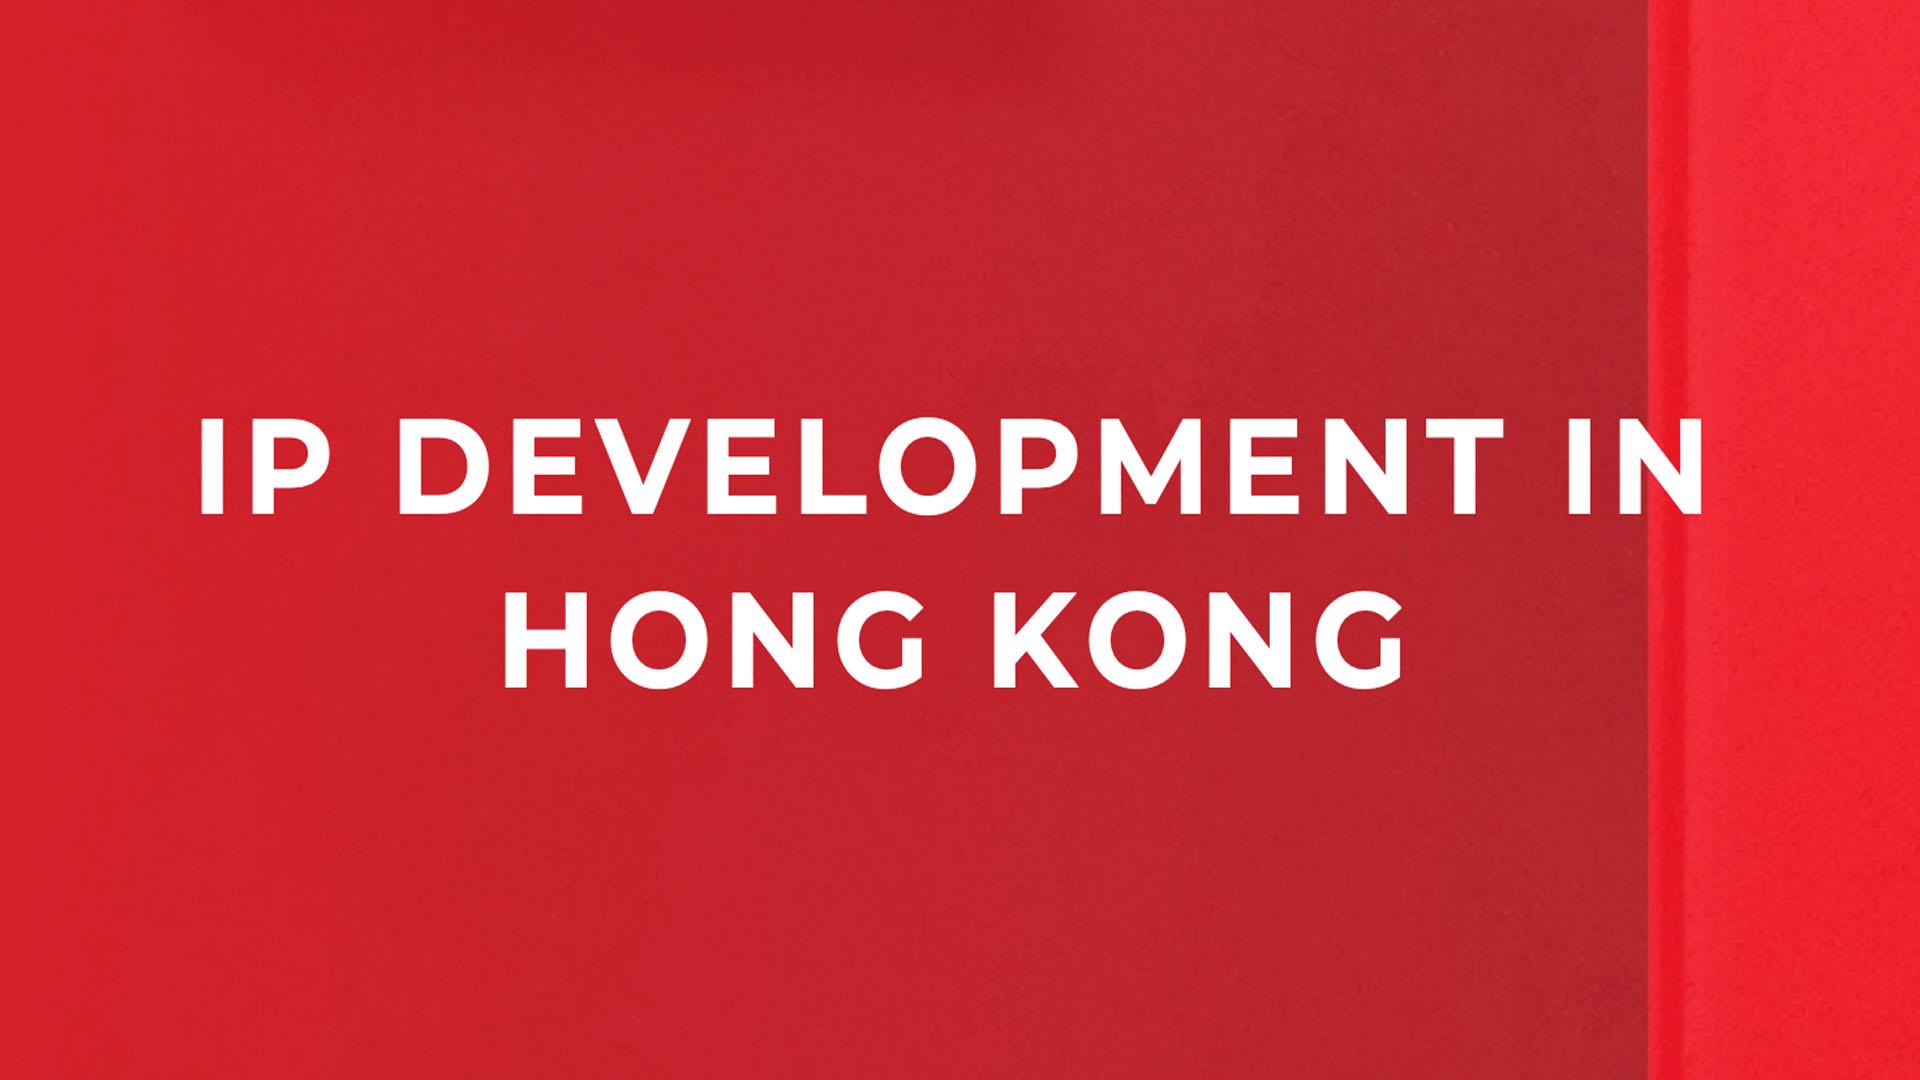 IP development in hong kong